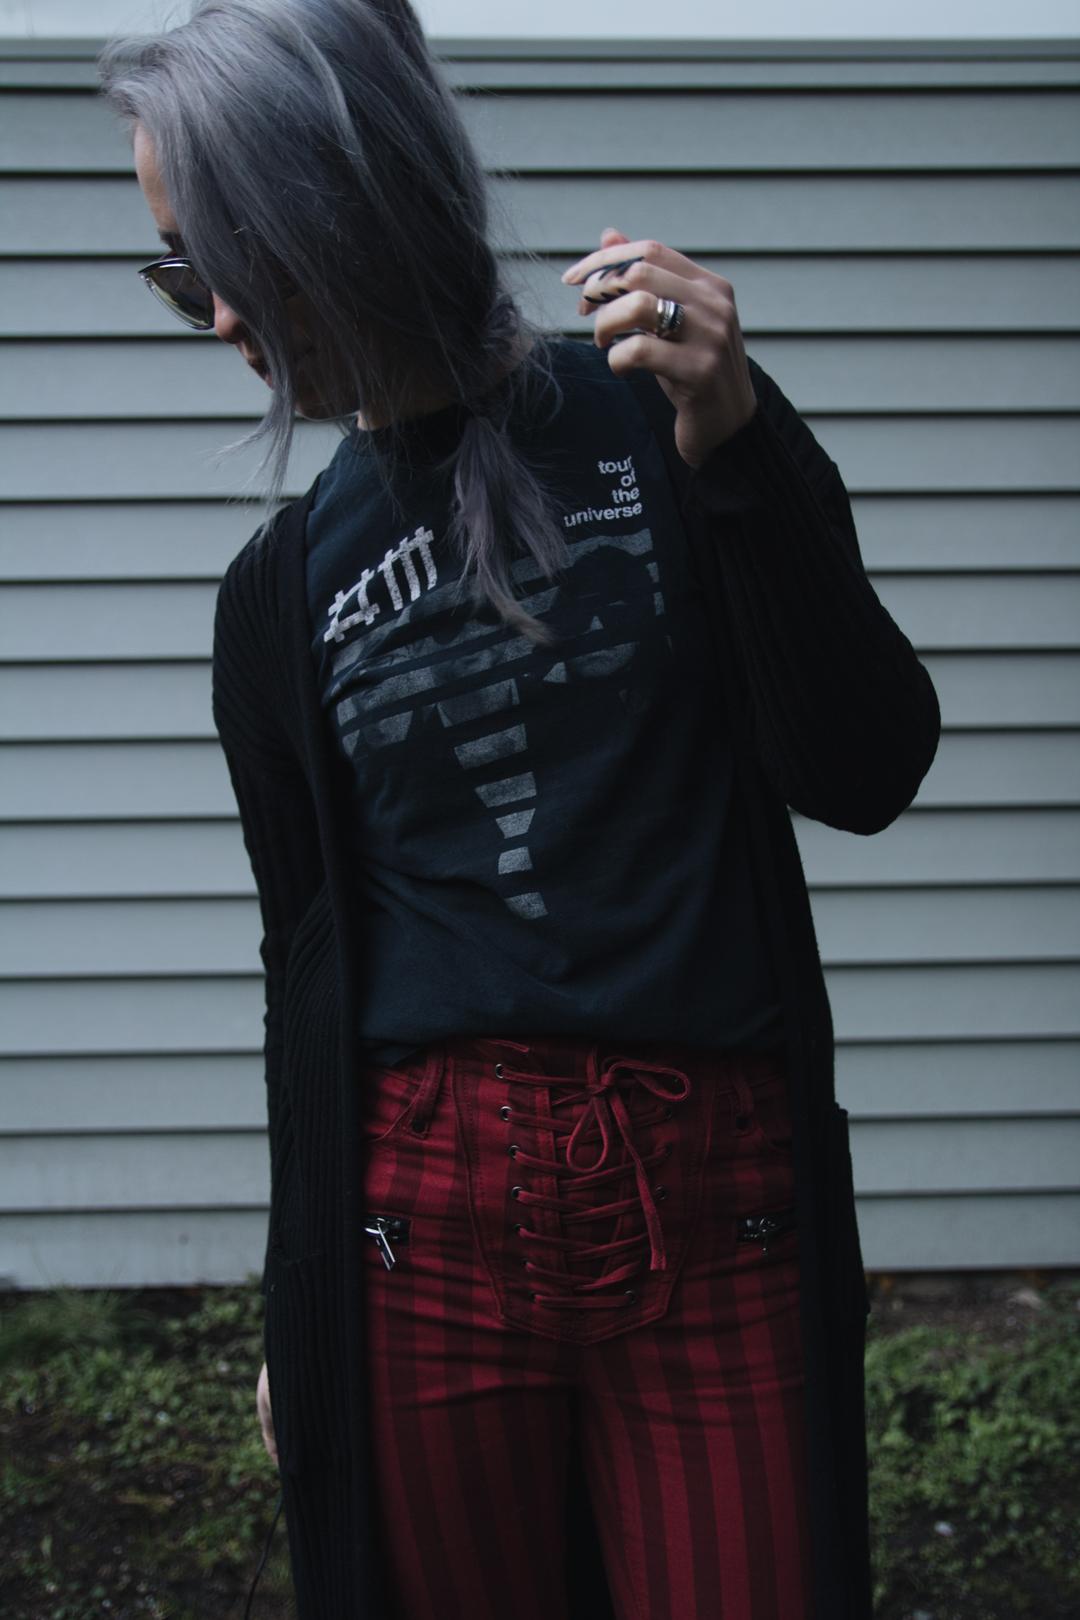 afrm clothing